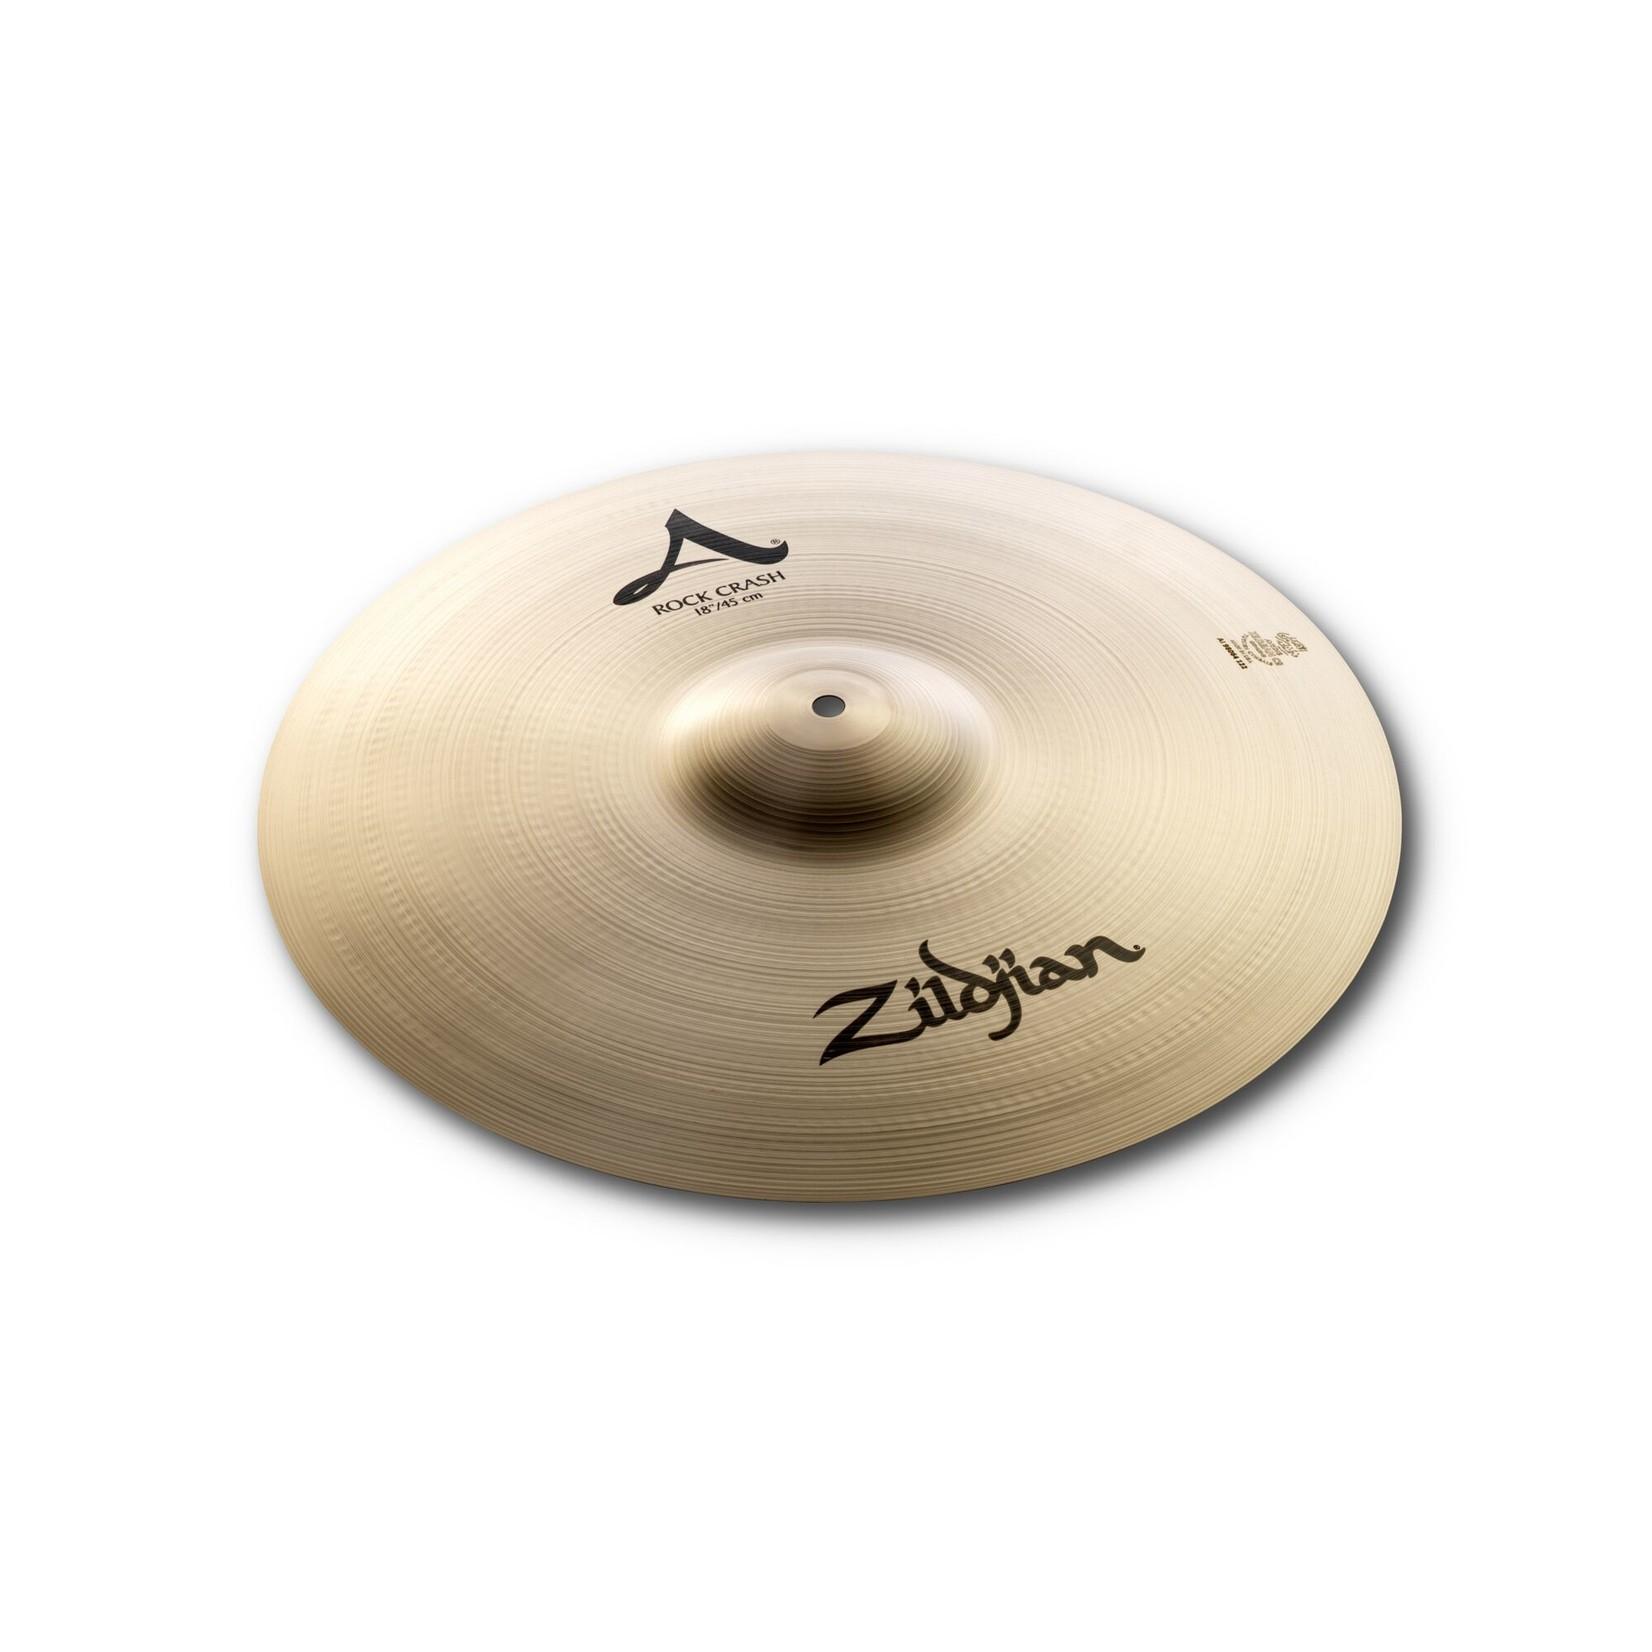 Zildjian Zildjian 18'' A Zildjian Rock Crash